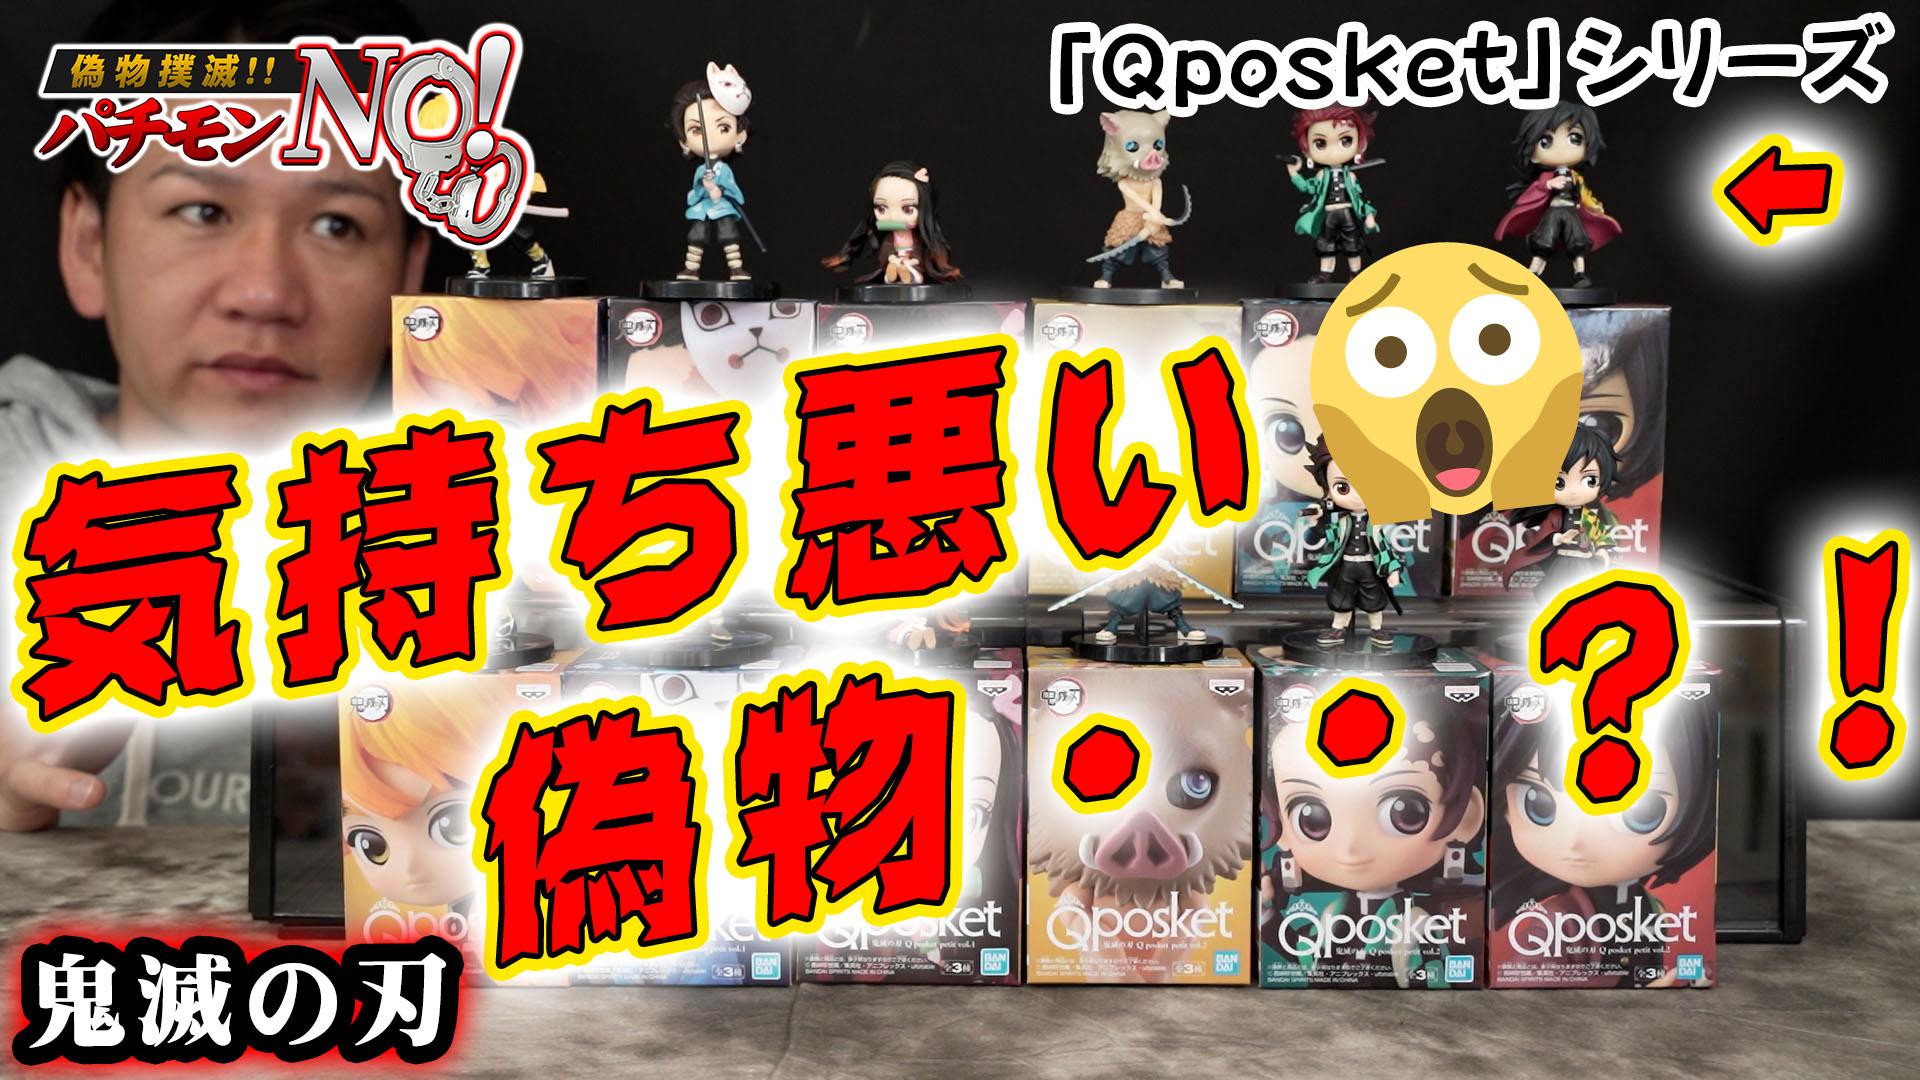 ゲームセンターで人気の鬼滅の刃「Q posket petit vol.1〜2 」計6種類の偽物と本物の見極め方を紹介!パチモンNO!T-BASE TV